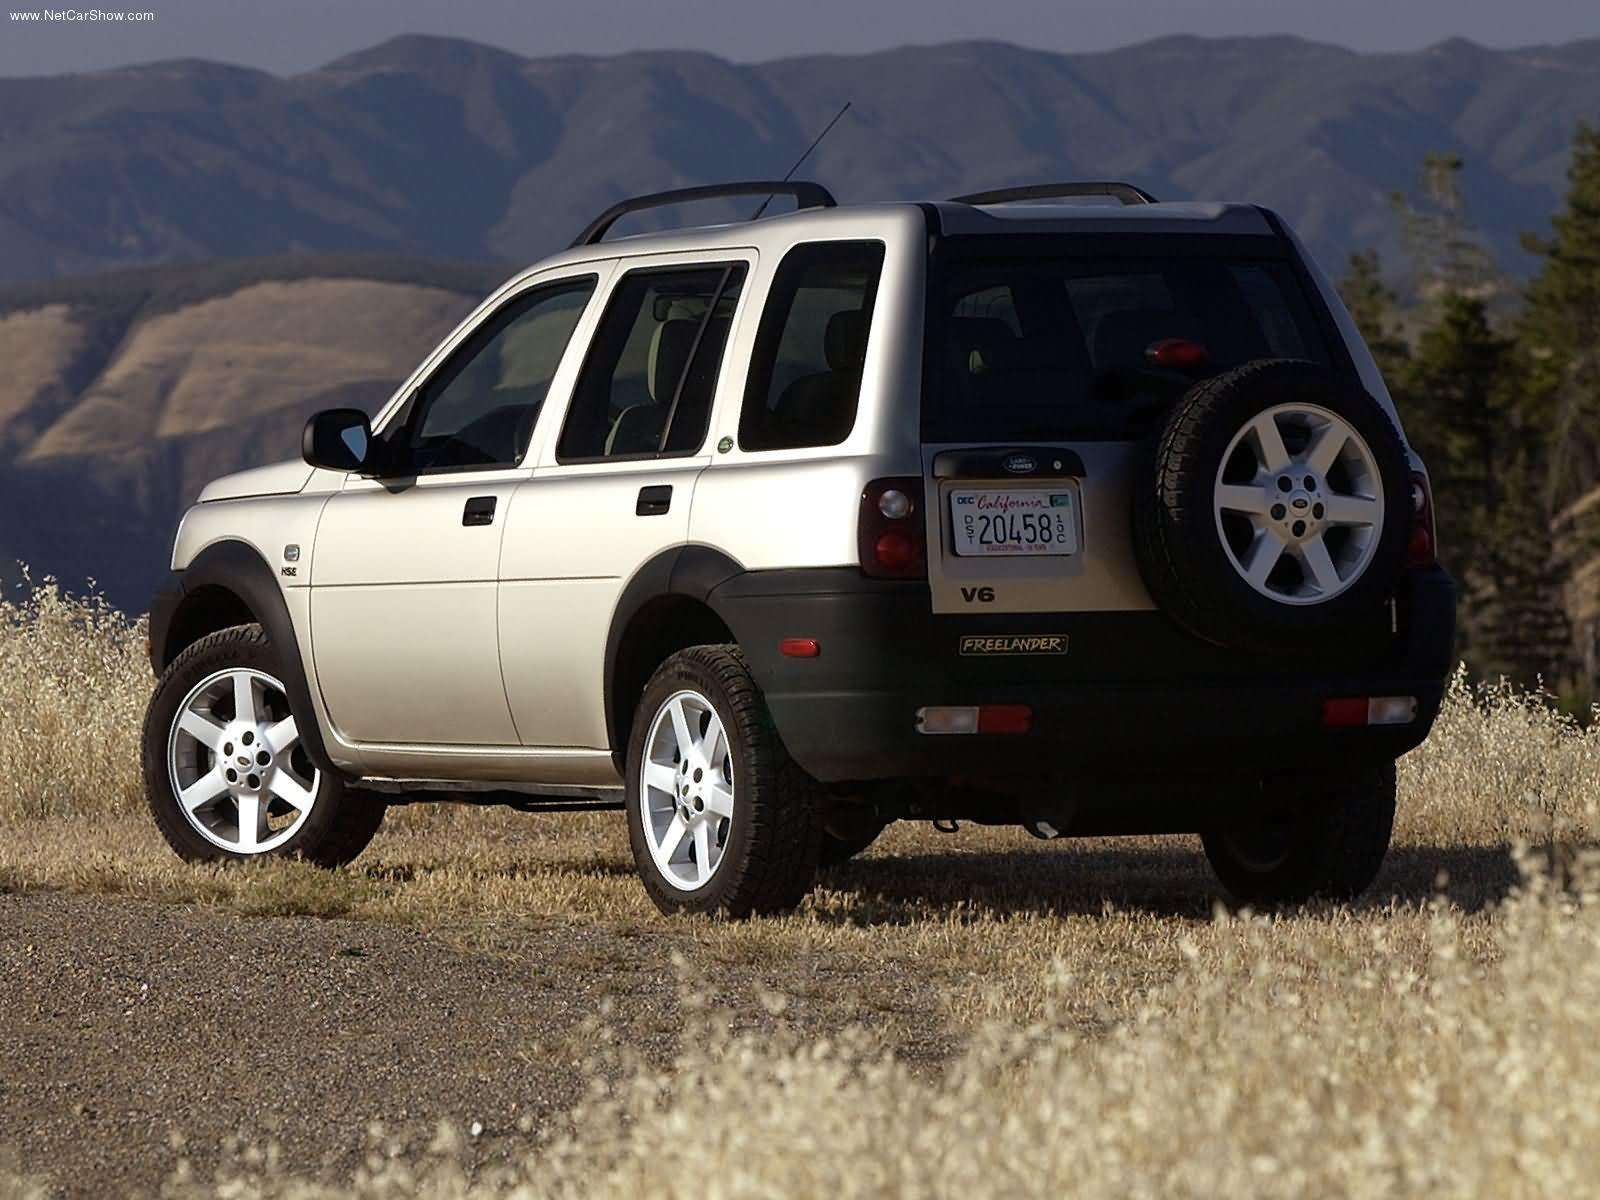 Hình ảnh xe ô tô Land Rover Freelander 2003 & nội ngoại thất